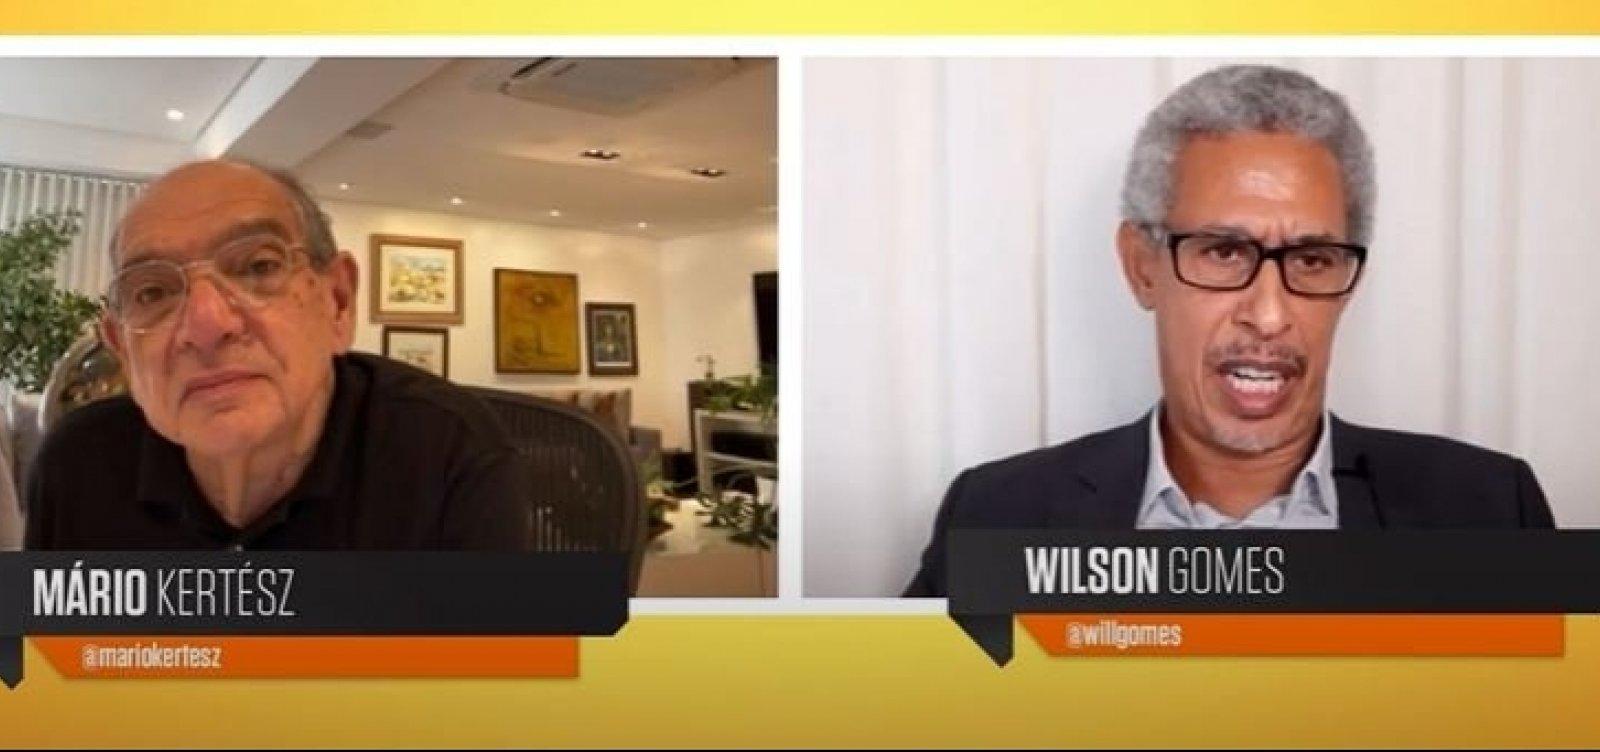 Wilson Gomes lança livro com análise sobre crescimento da extrema-direta no mundo